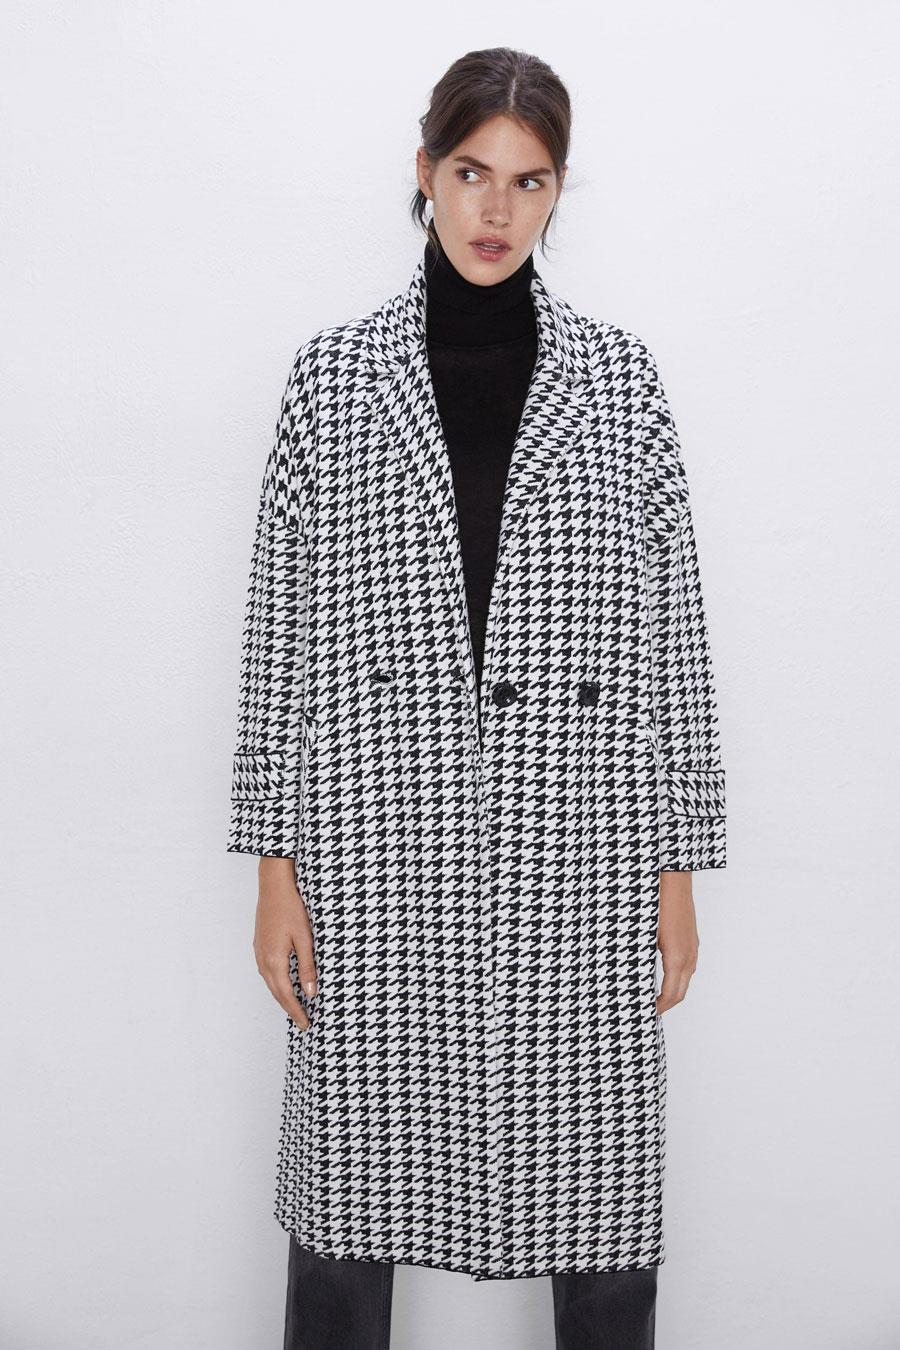 El agotadísimo abrigo de pata de gallo de Zara que nos ha